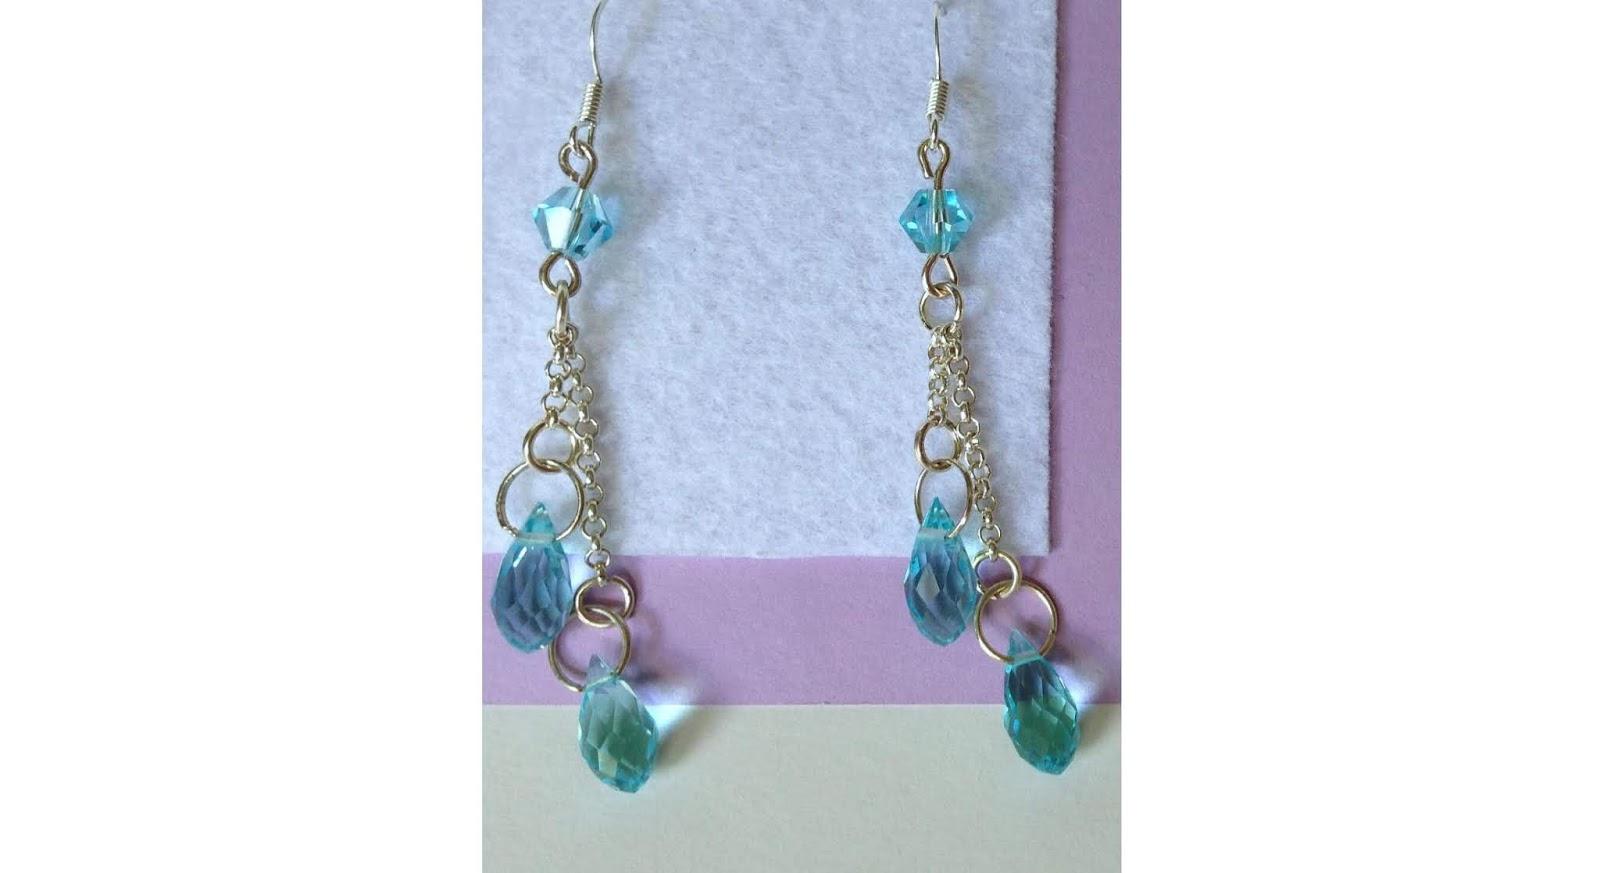 twilight teardrop earrings